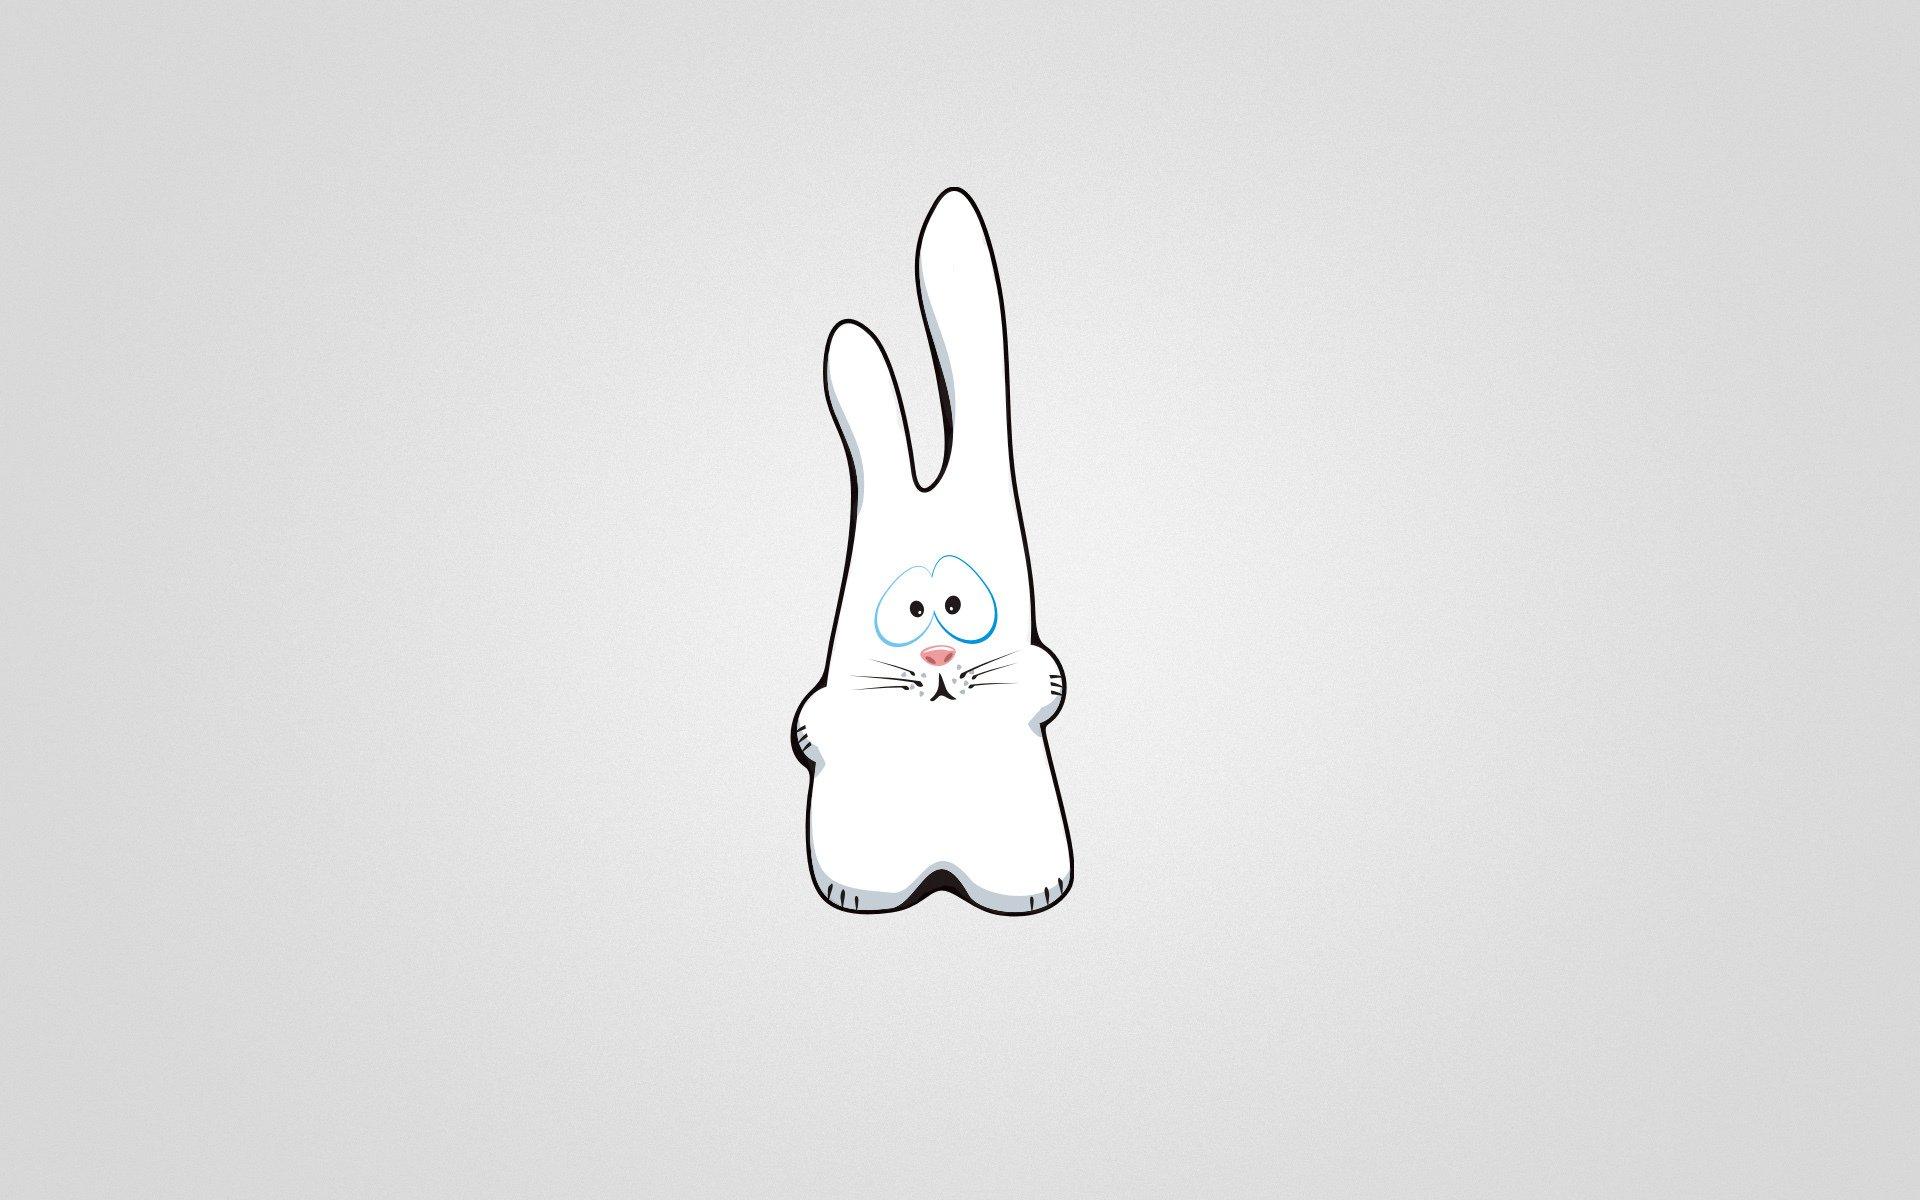 ребенку черно белая картинка на телефон кролик в лунку представленных кухонь